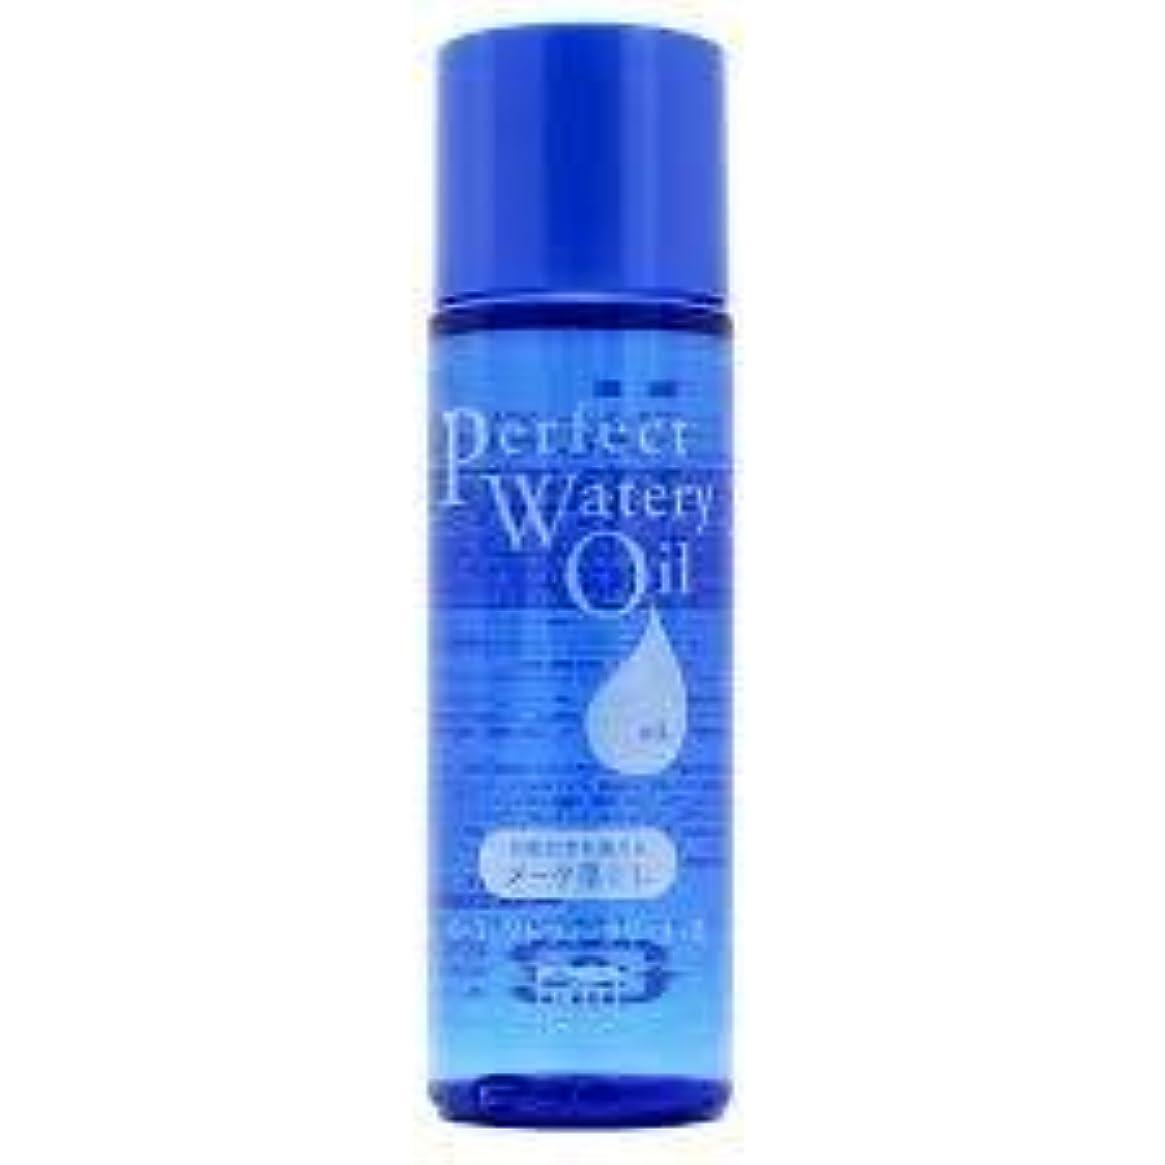 分子シェフ積極的に洗顔専科 パーフェクト ウォータリーオイル 35ml